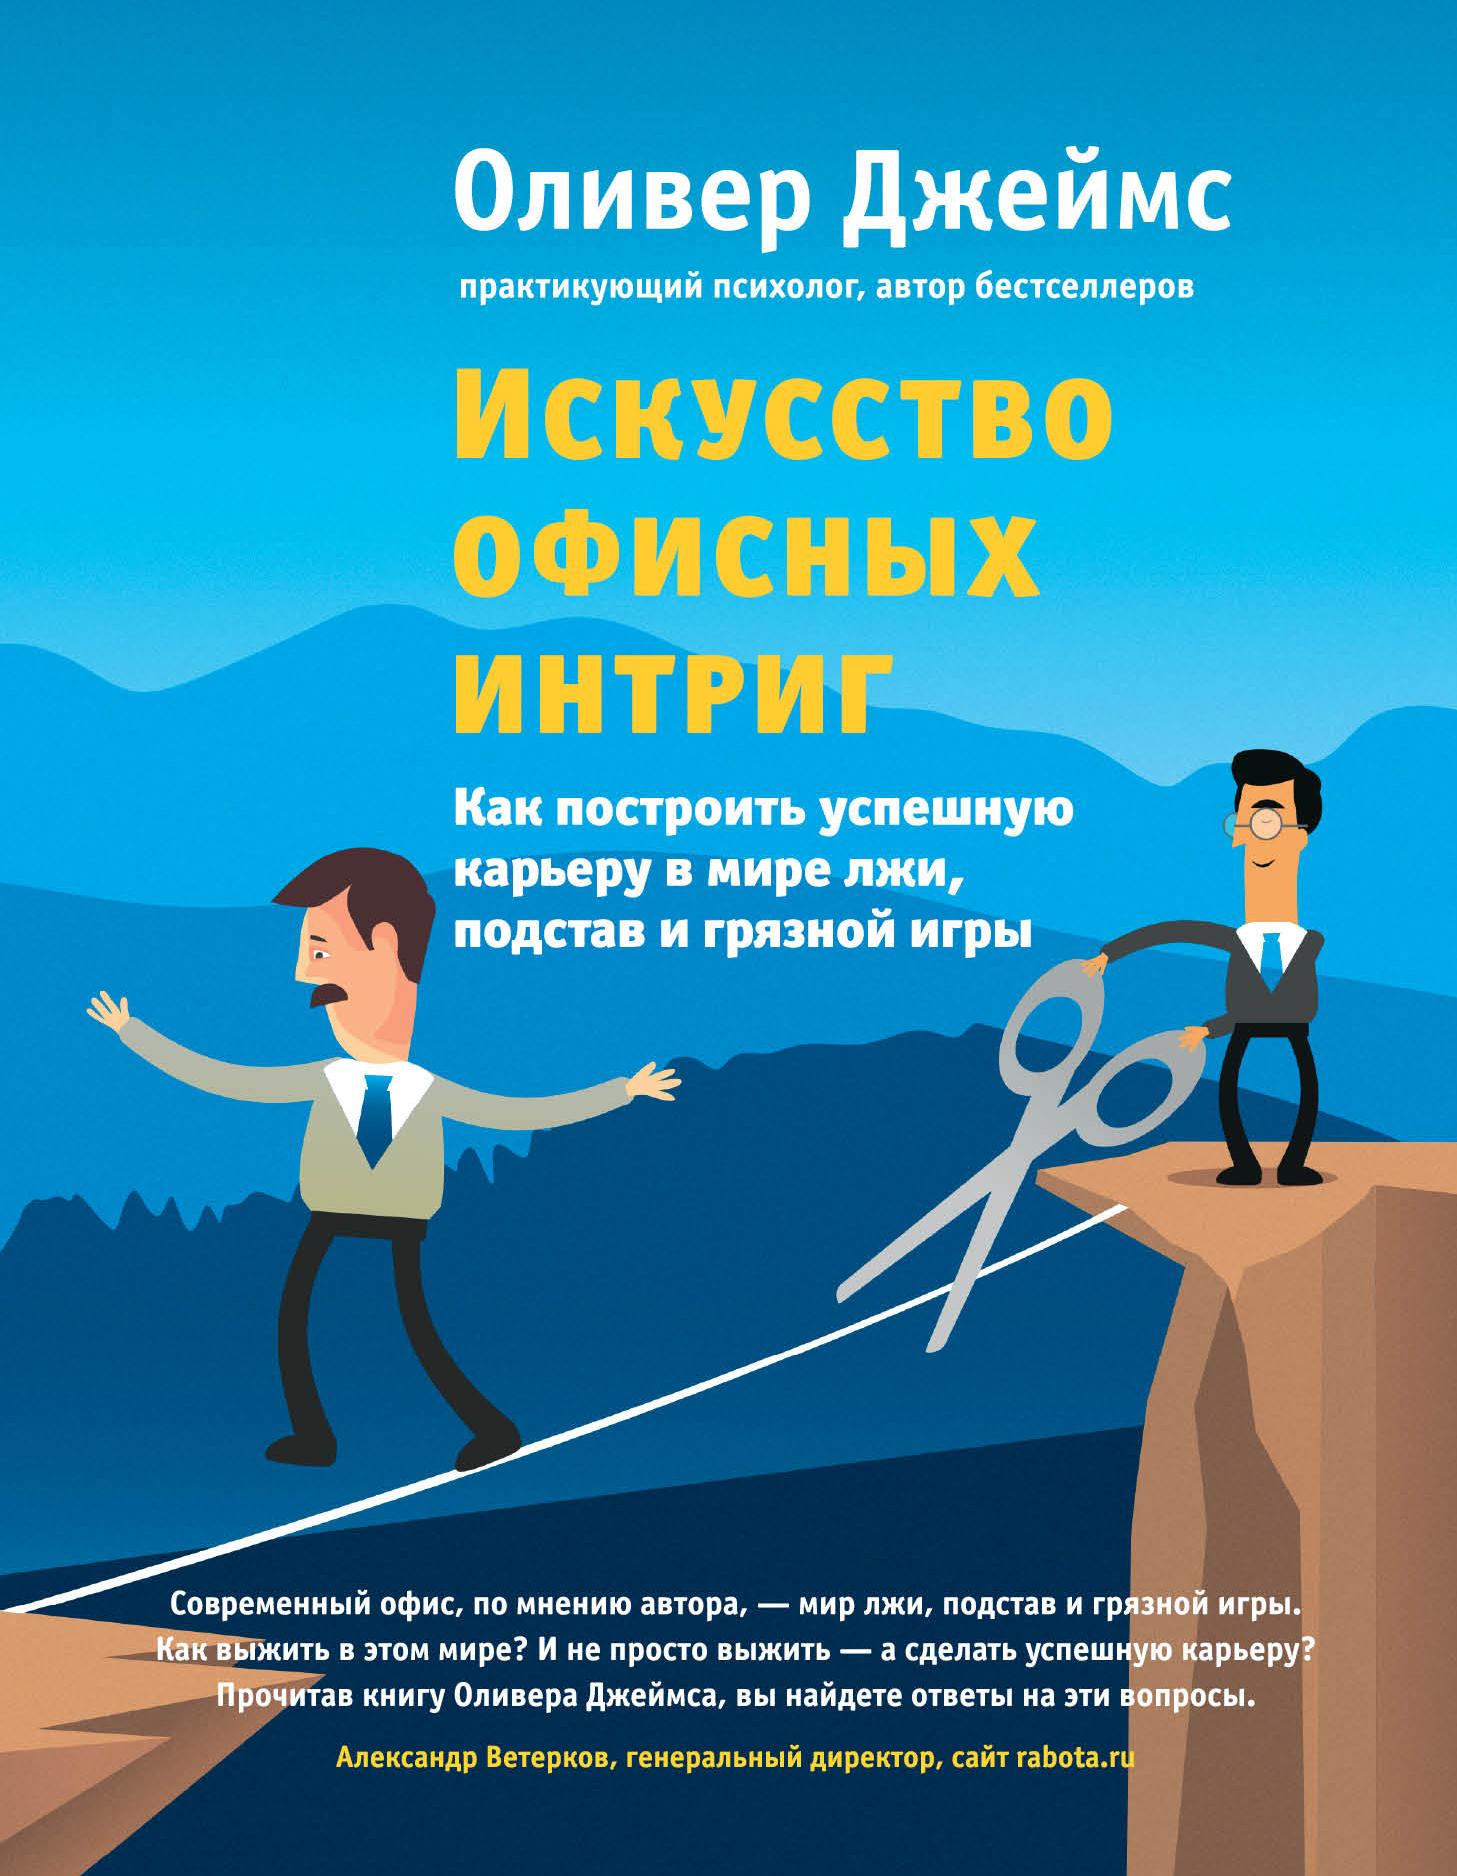 Искусство офисных интриг. Как построить успешную карьеру в мире лжи, подстав и грязной игры